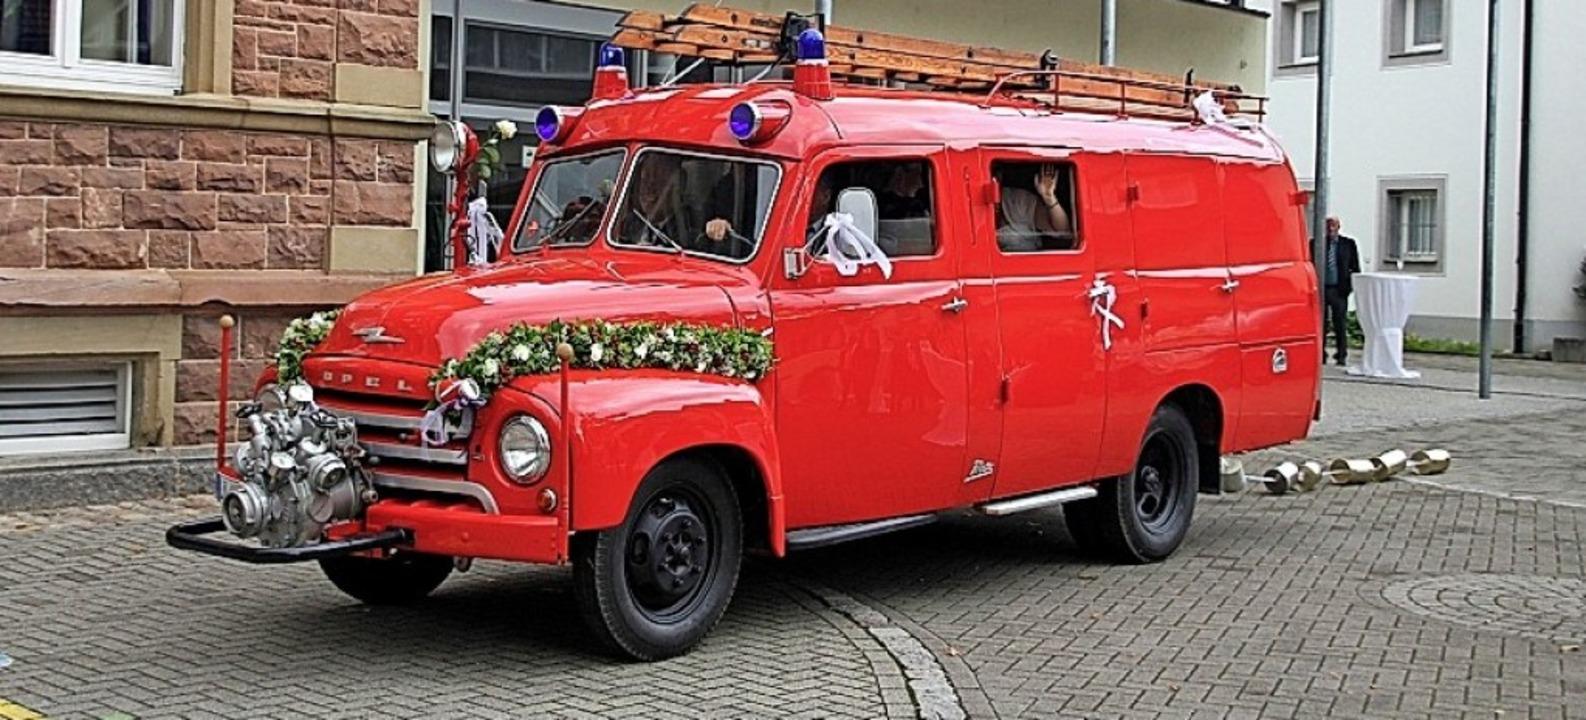 Der Opel Blitz der Kanderner Feuerwehr...ob es verkauft werden soll oder nicht.  | Foto: Feuerwehr Kandern